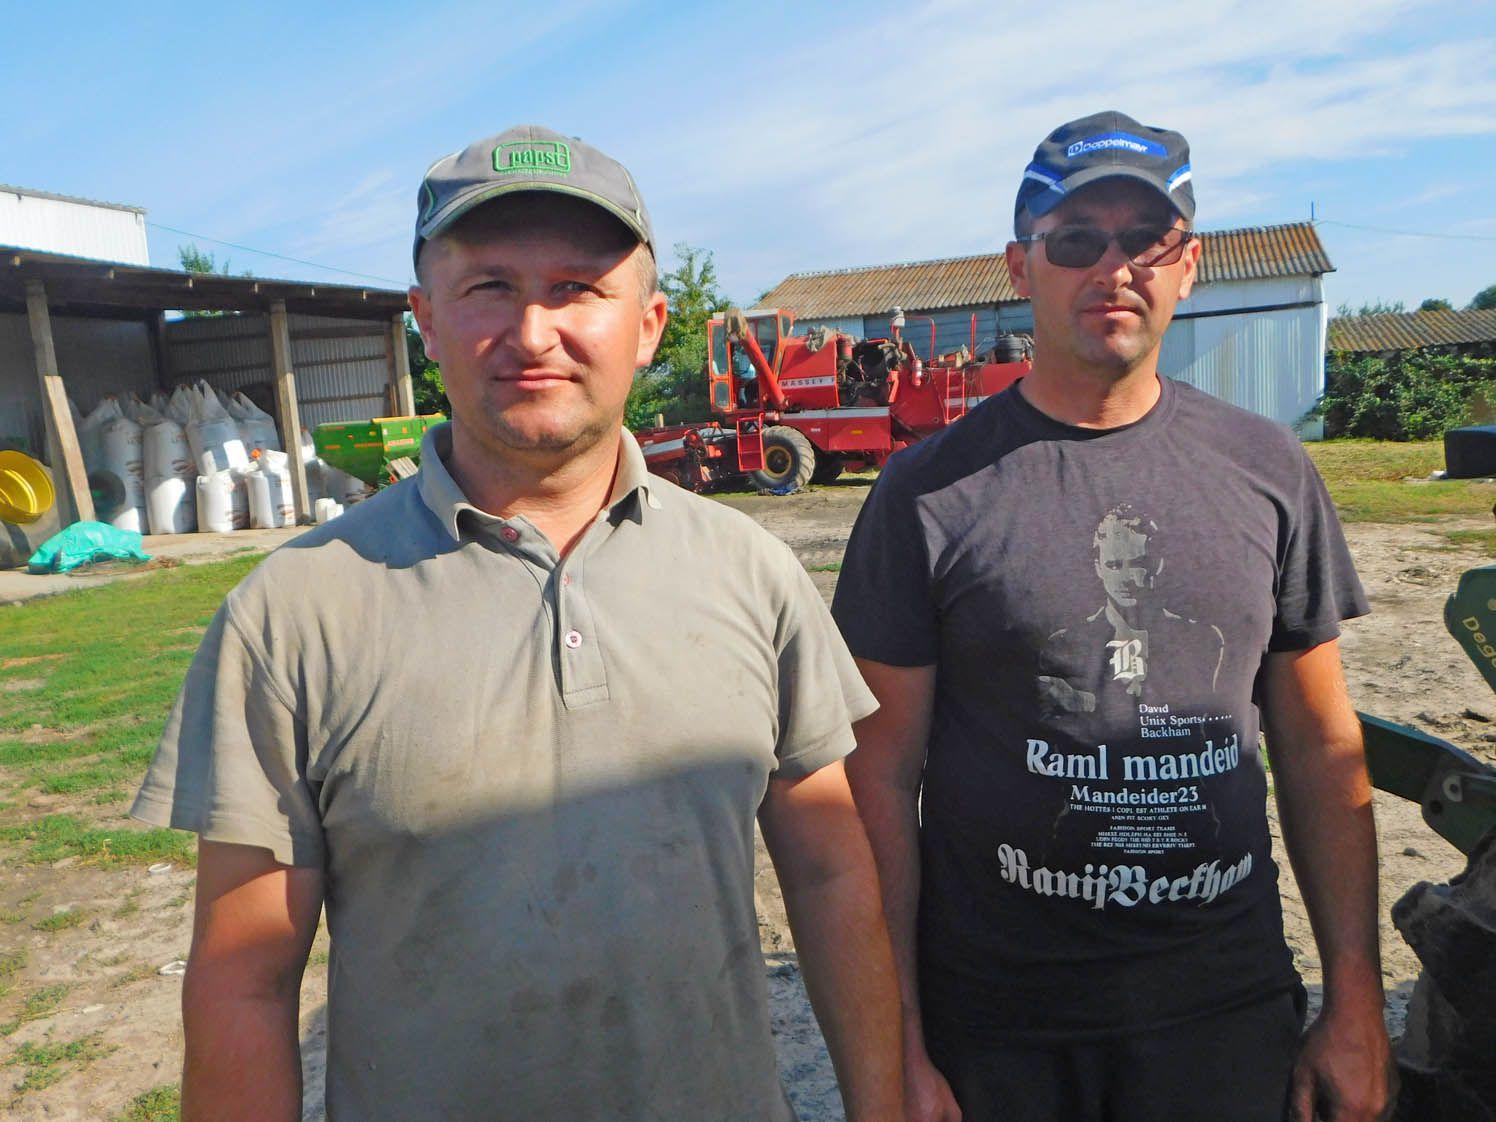 Свої остарбайтерські кошти дід вклав у фермерство онуків